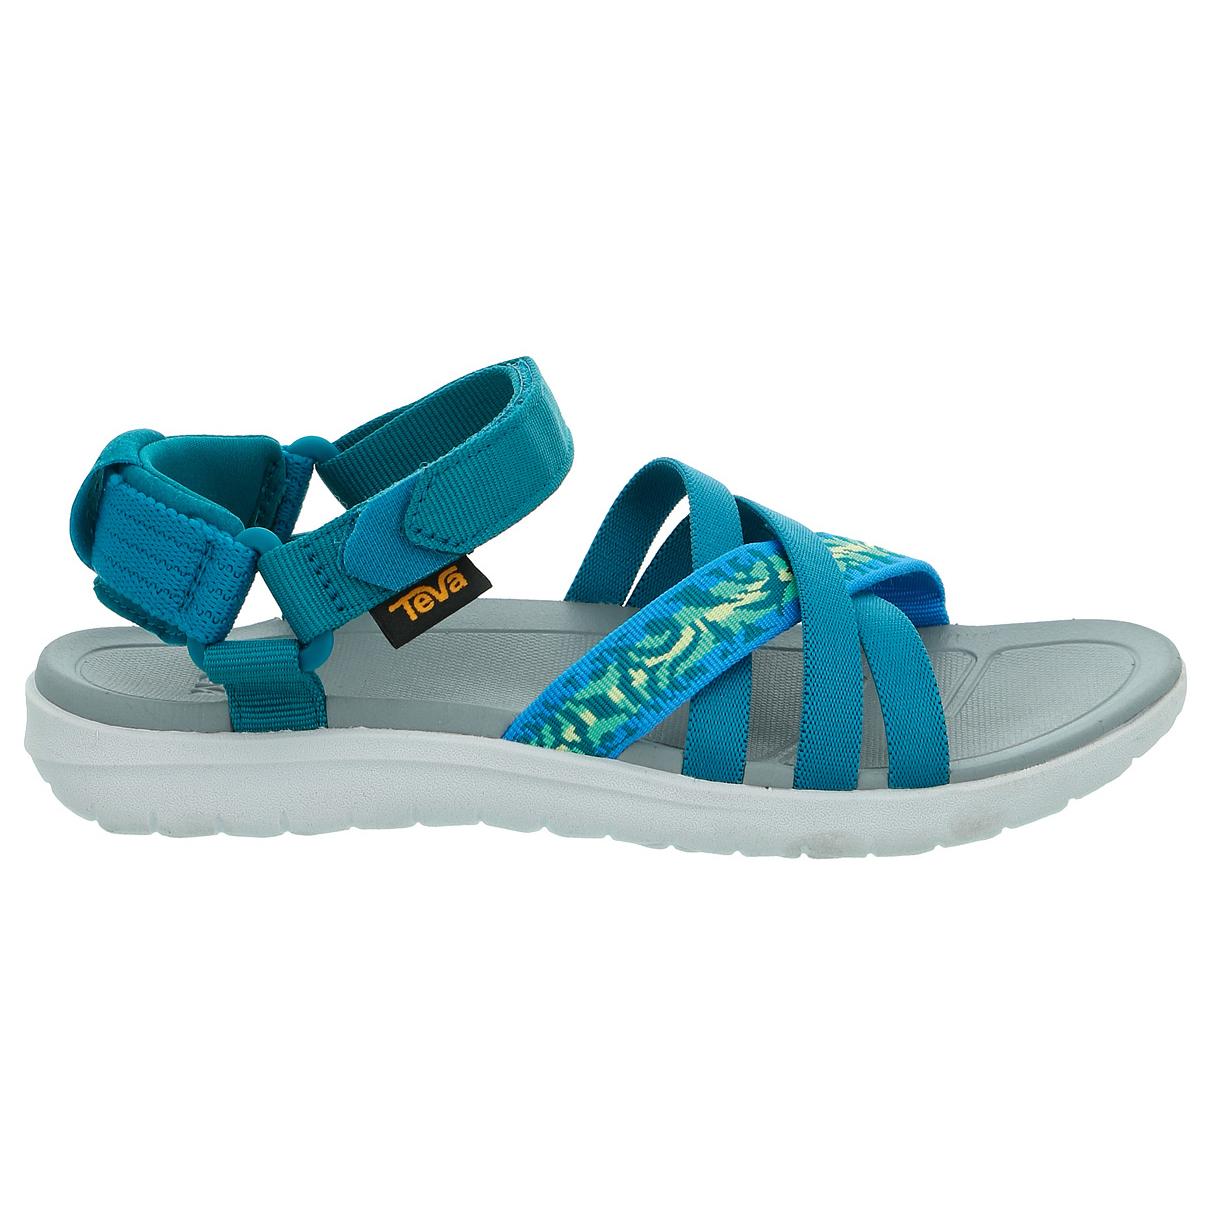 b6a70af1a Teva - Women s Sanborn Sandal - Sandals ...